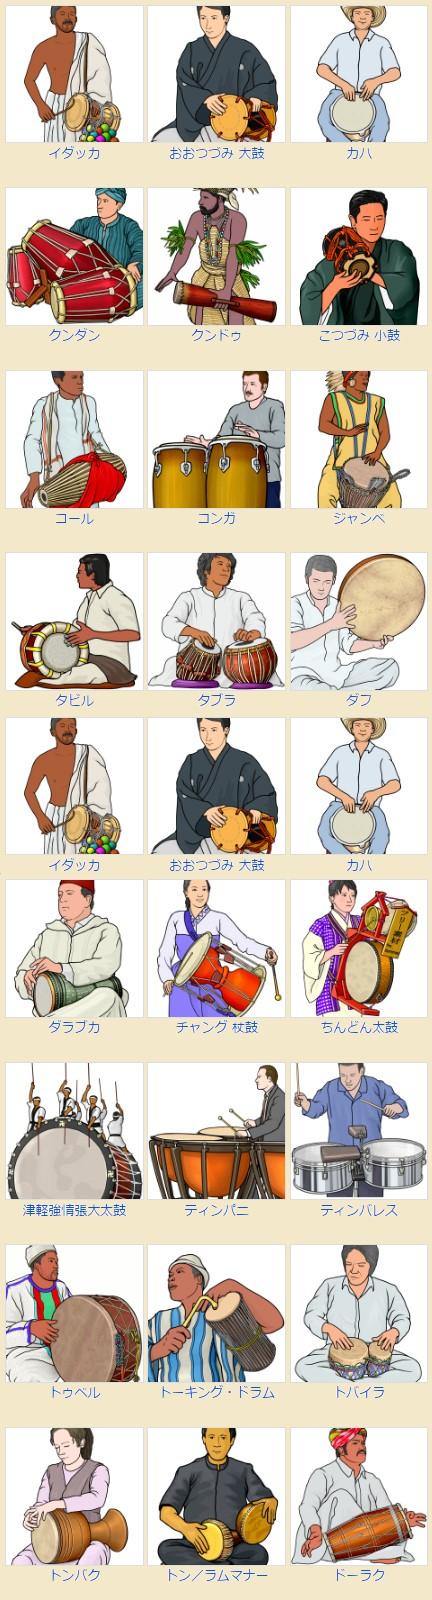 世界のドラム(太鼓)